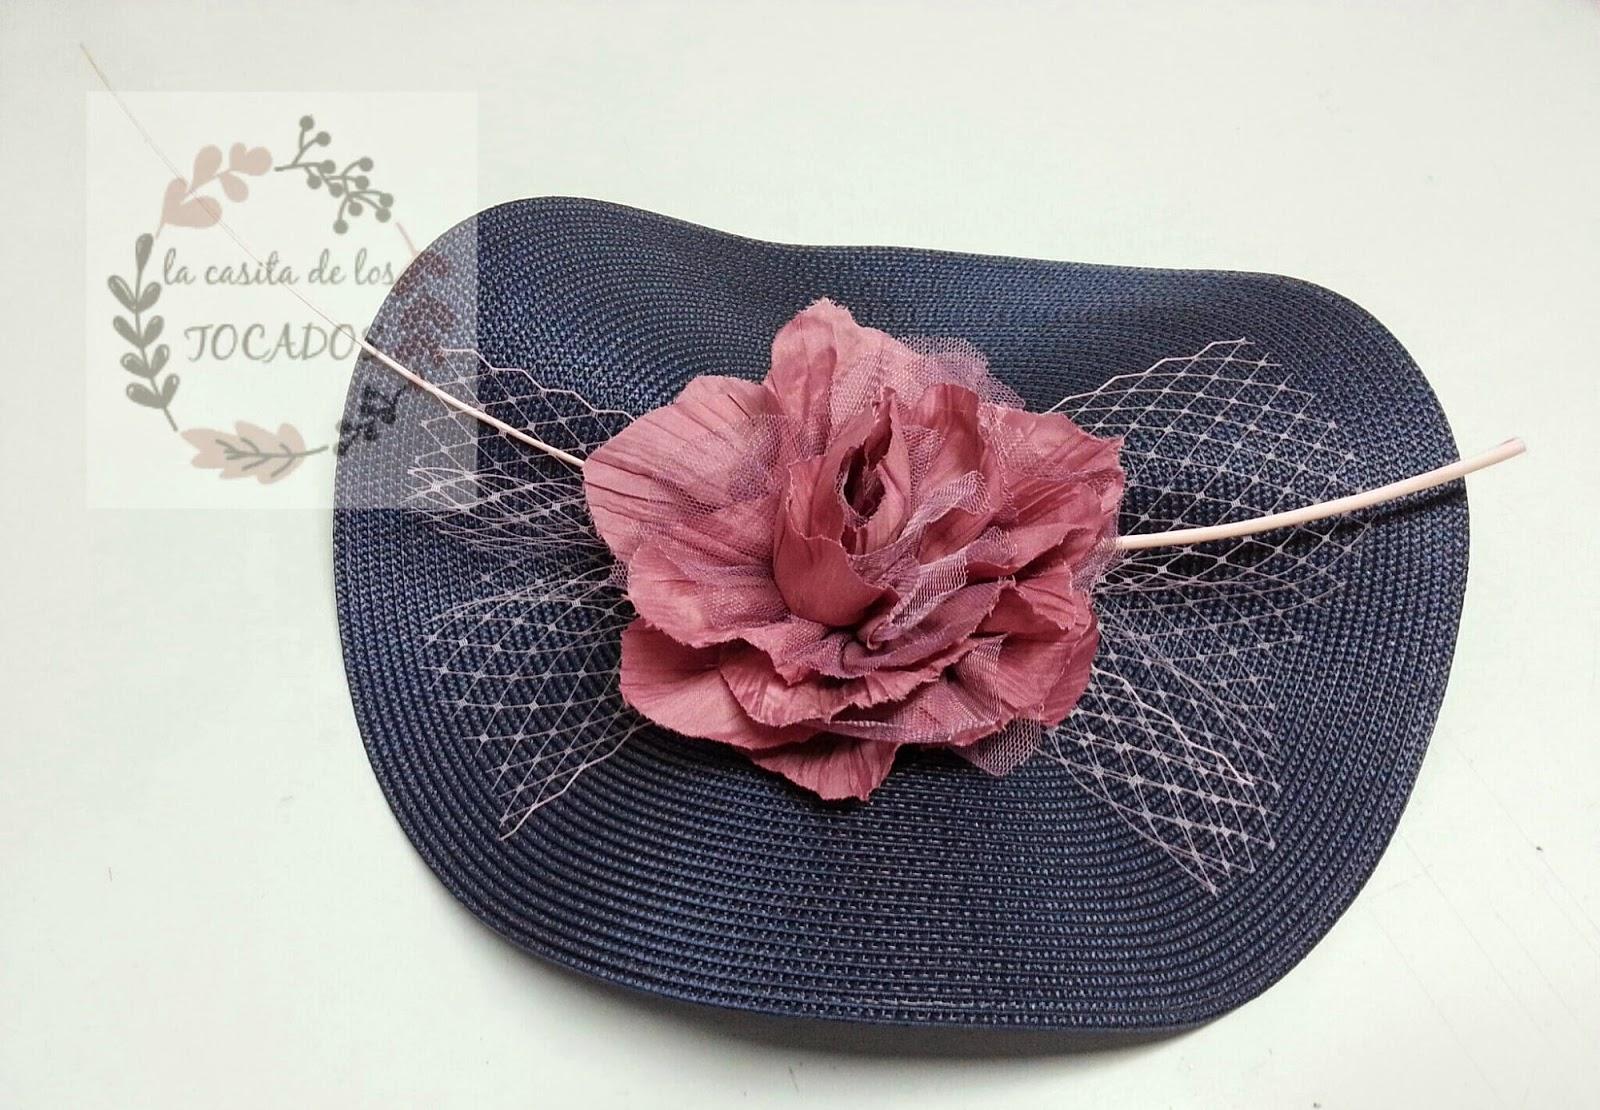 tocado azul marino y rosa a buen precio con flor de tul y organza